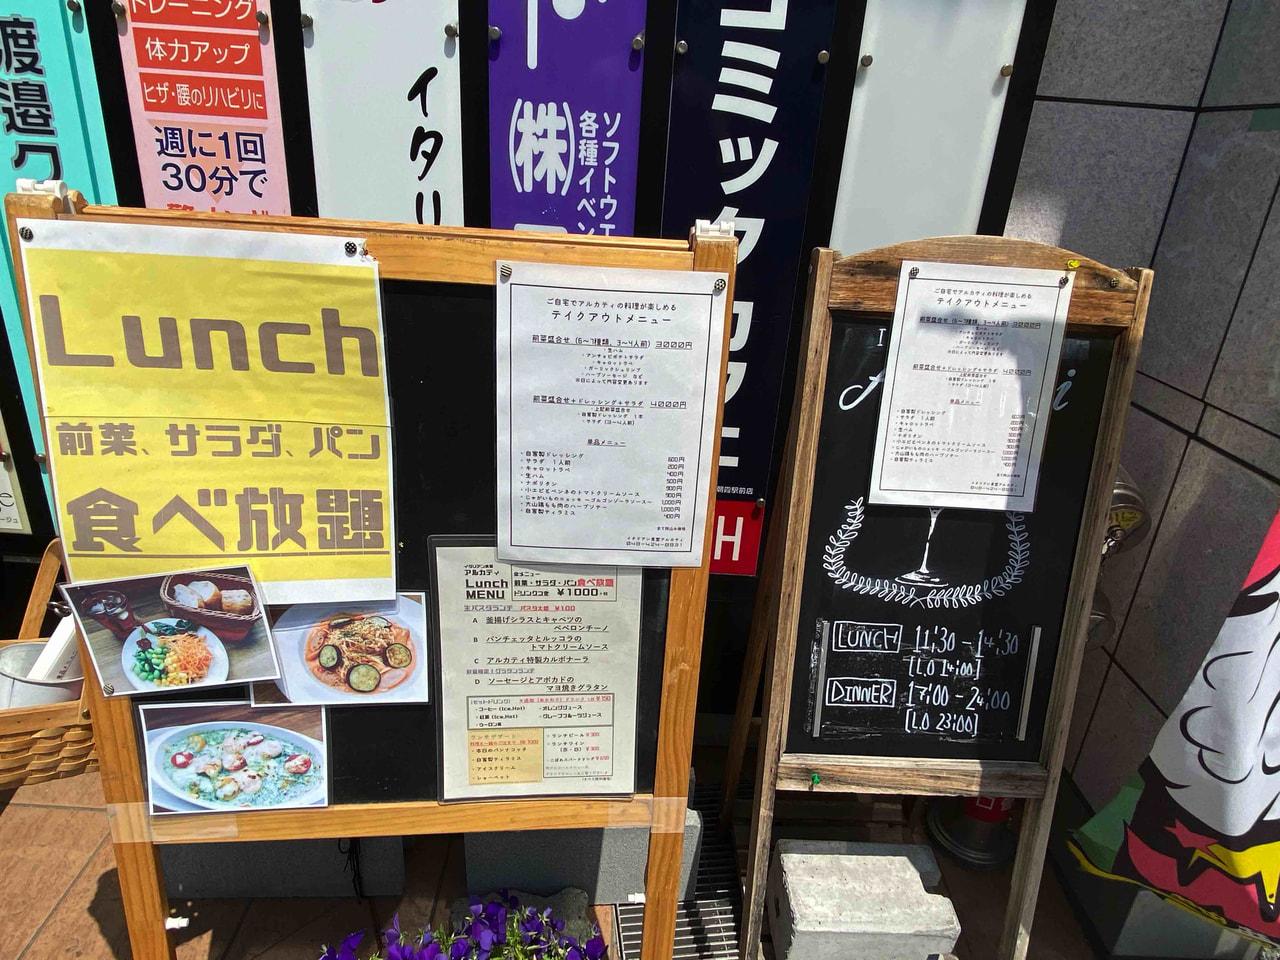 イタリアン食堂アルカティ(朝霞市)のテイクアウトメニュー